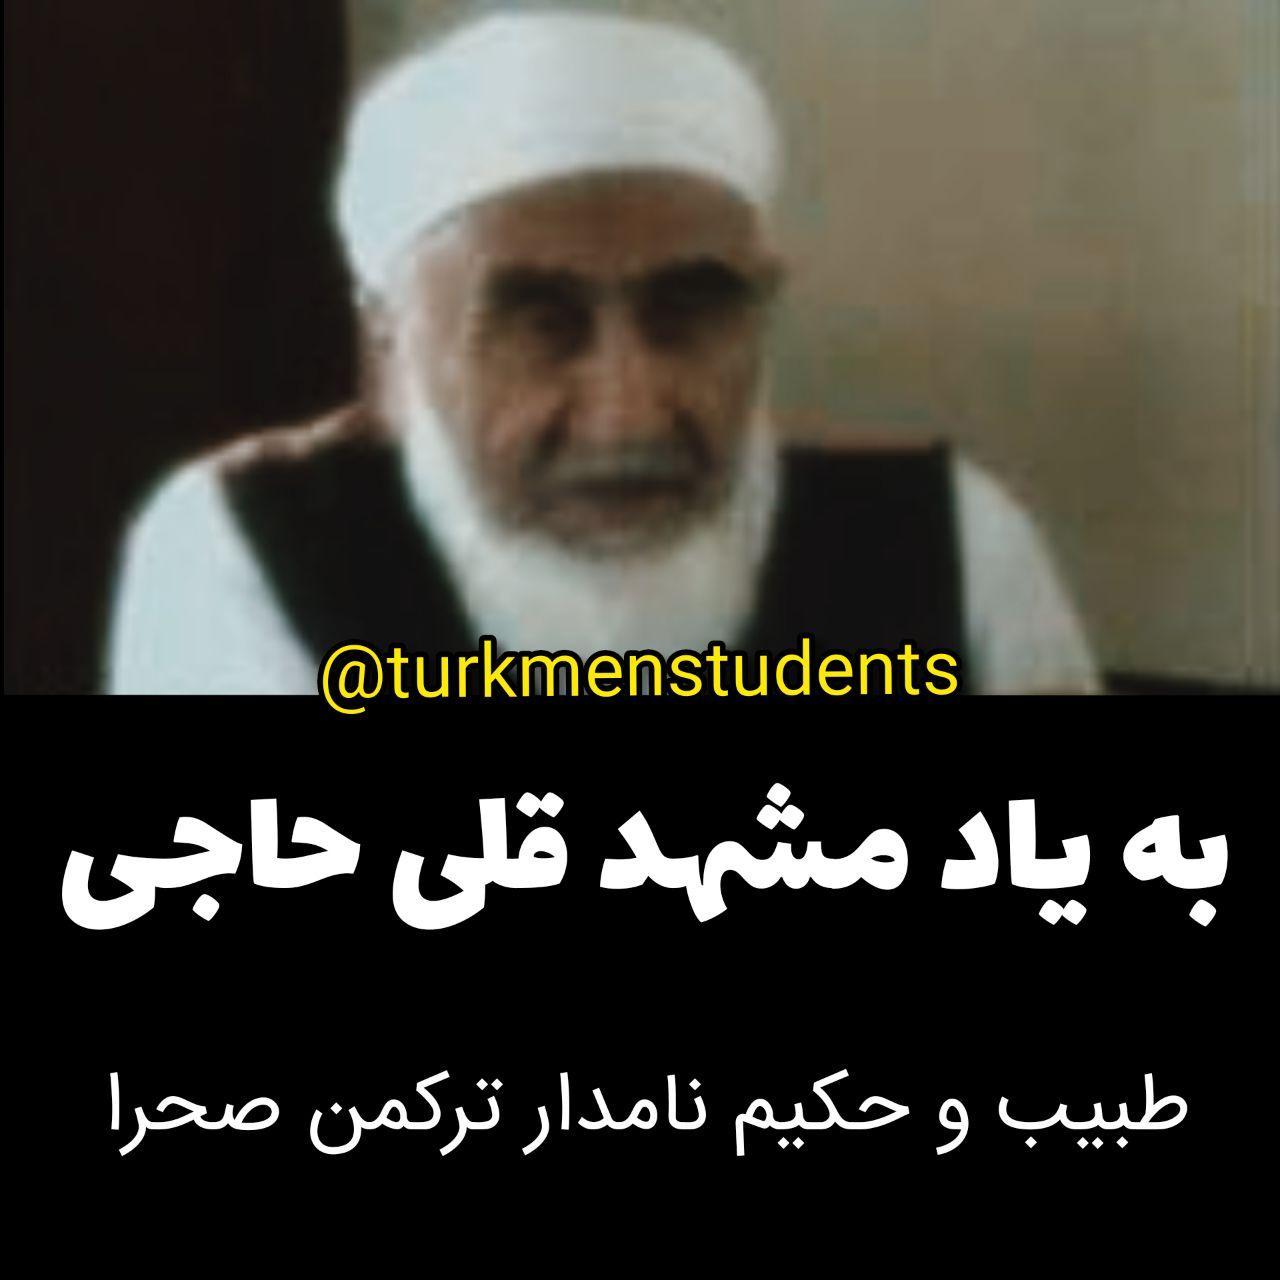 به یاد مشهد قلی حاجی، طبیب و حکیم نامدار ترکمن صحرا